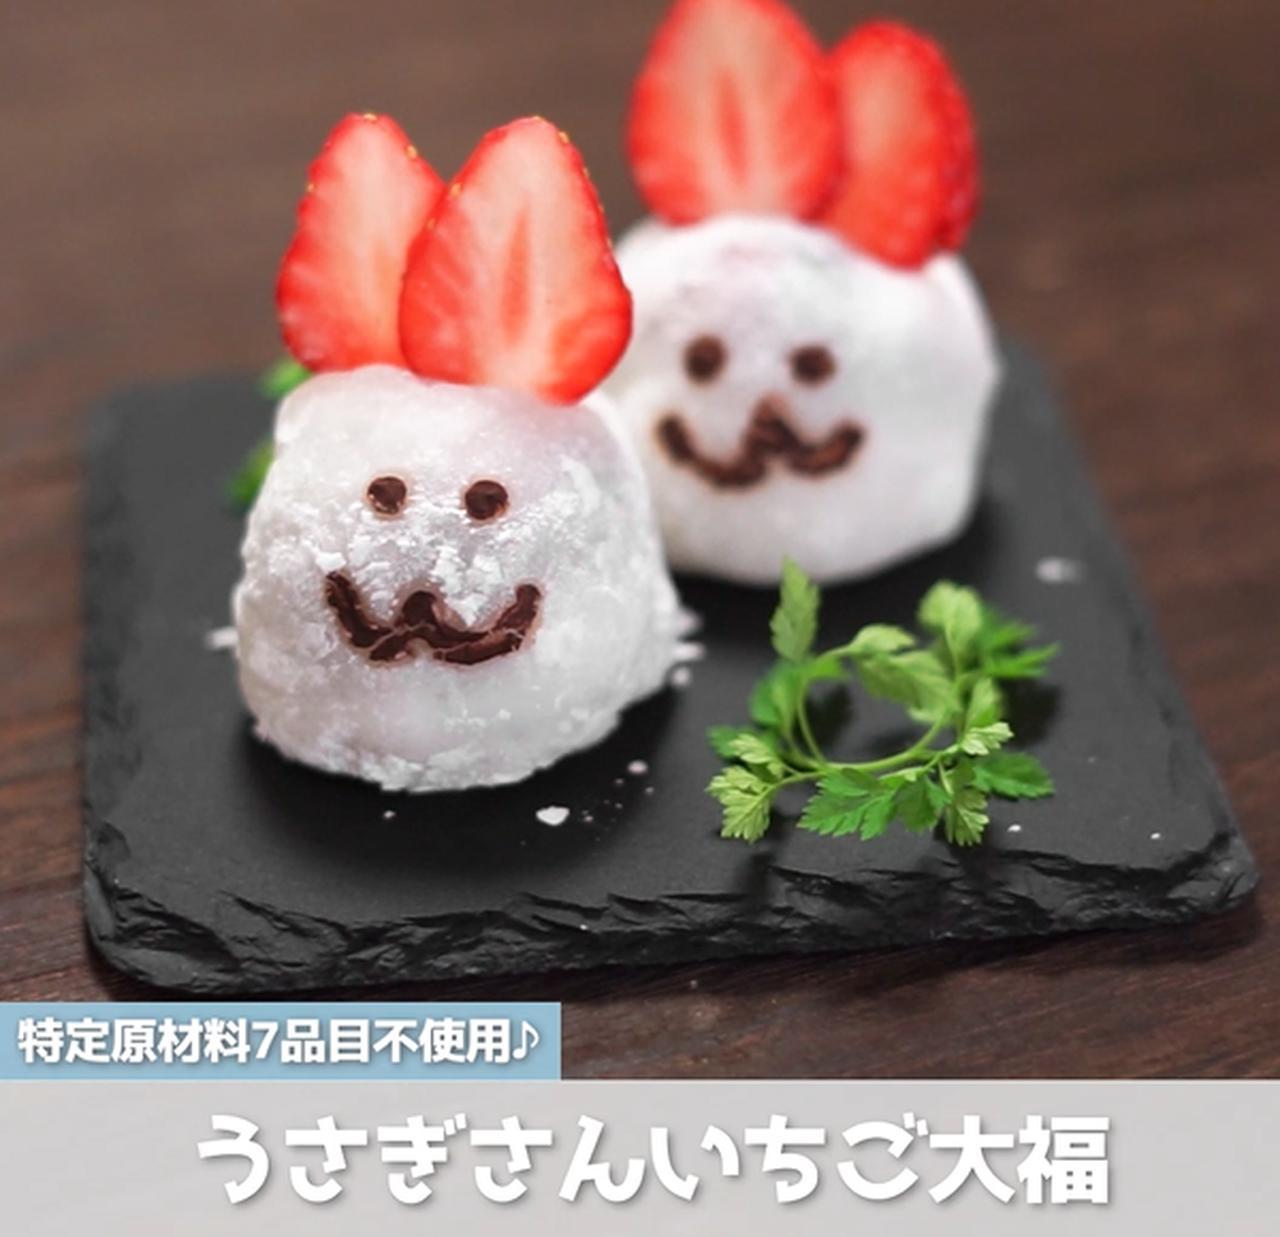 画像: おうちで簡単!可愛いウサギさんいちご大福 - 君とごはん